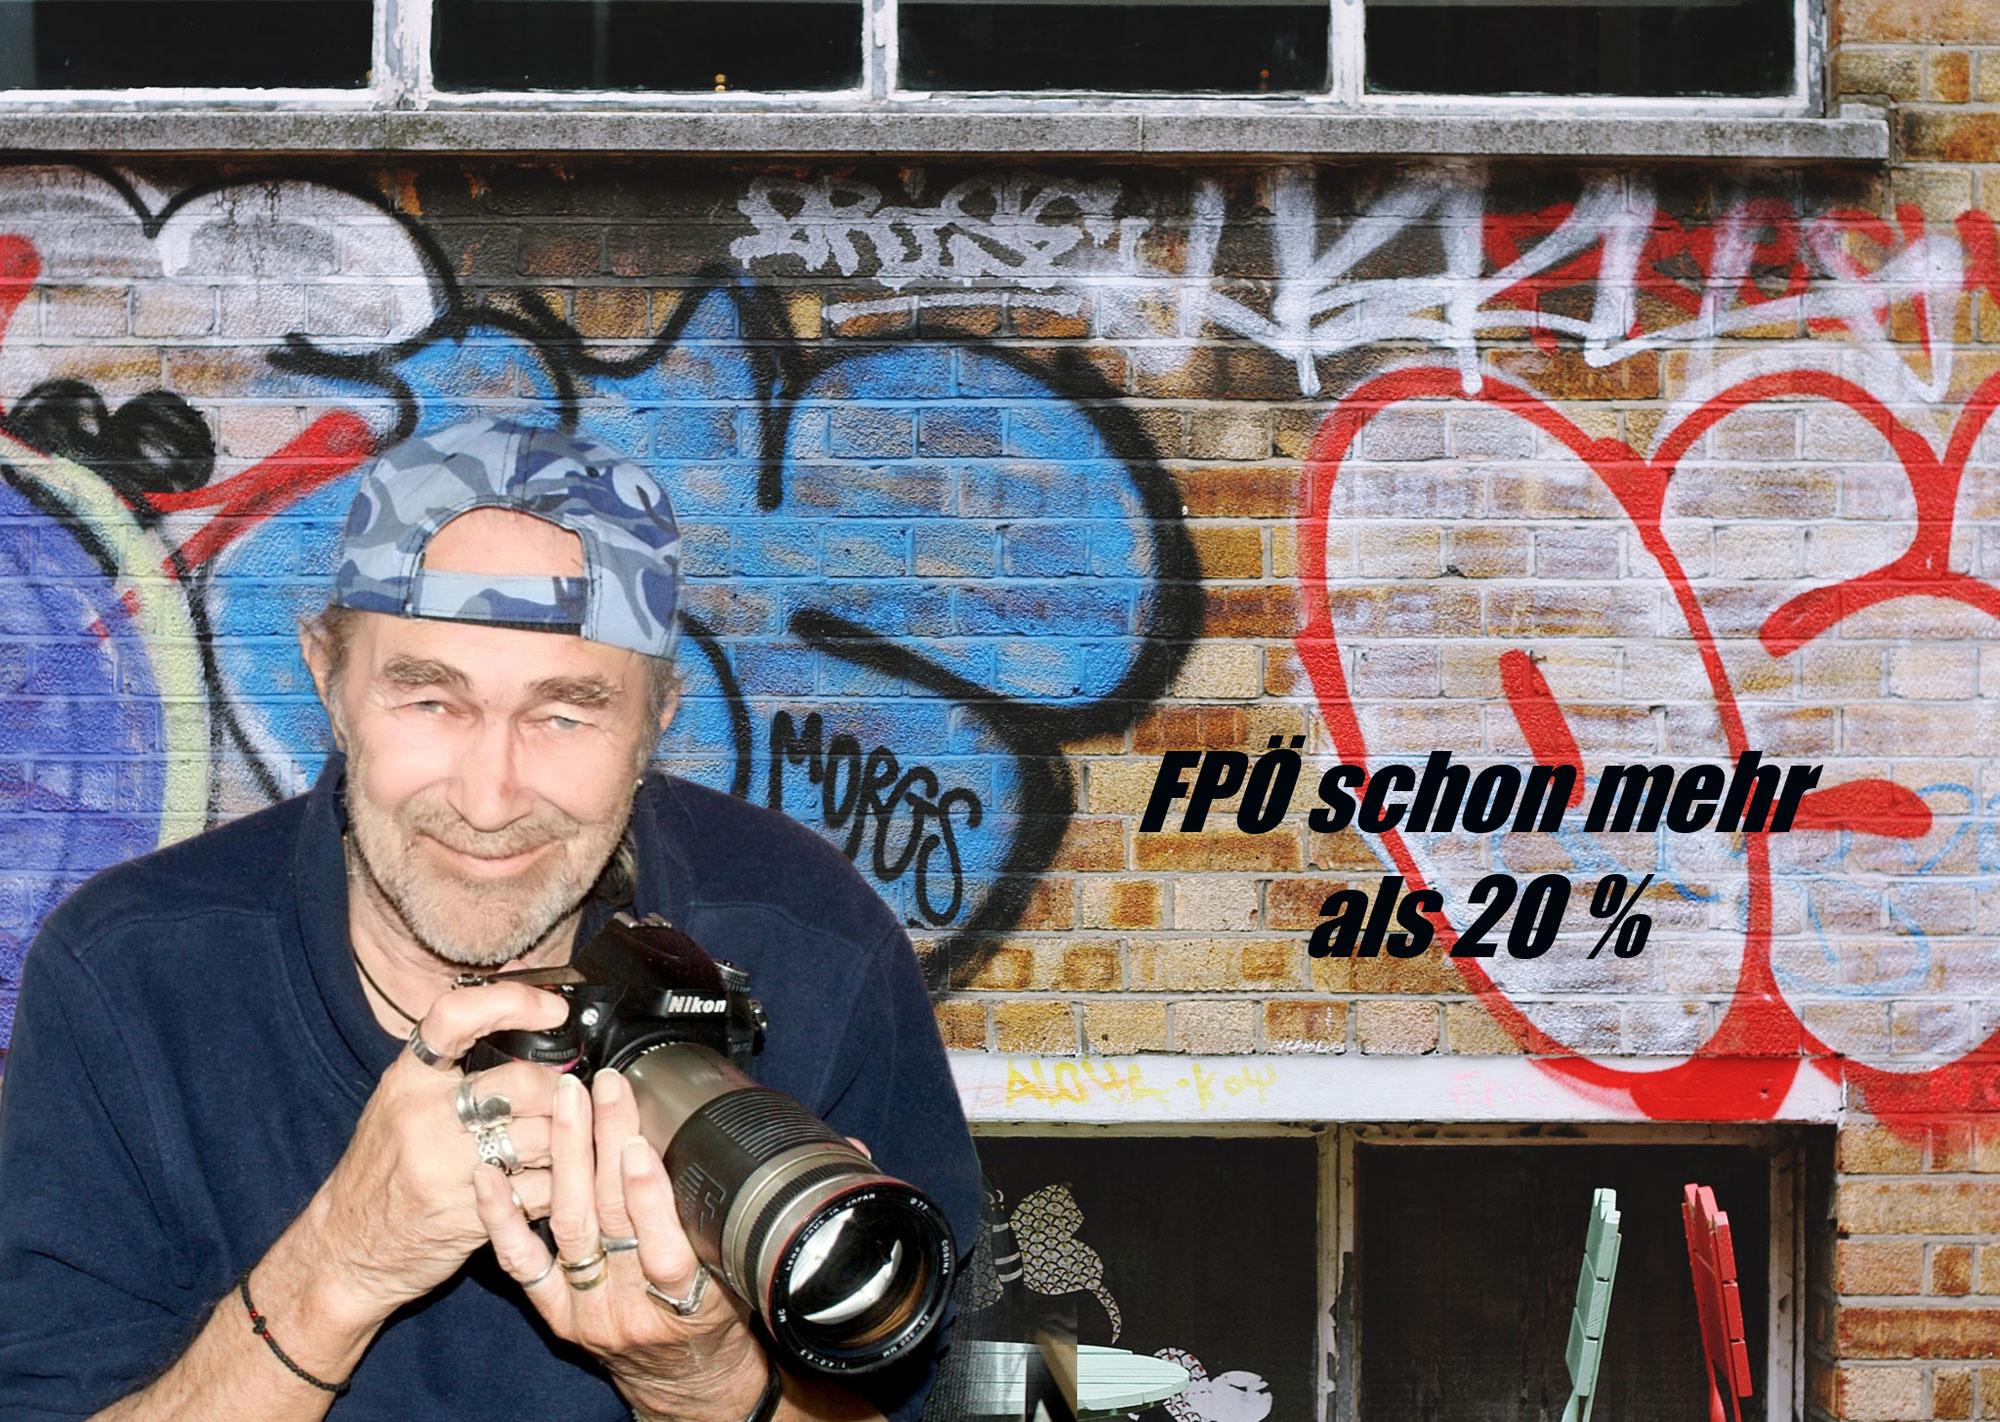 FPÖ schon mehr als 20 Prozent Wähleranteil